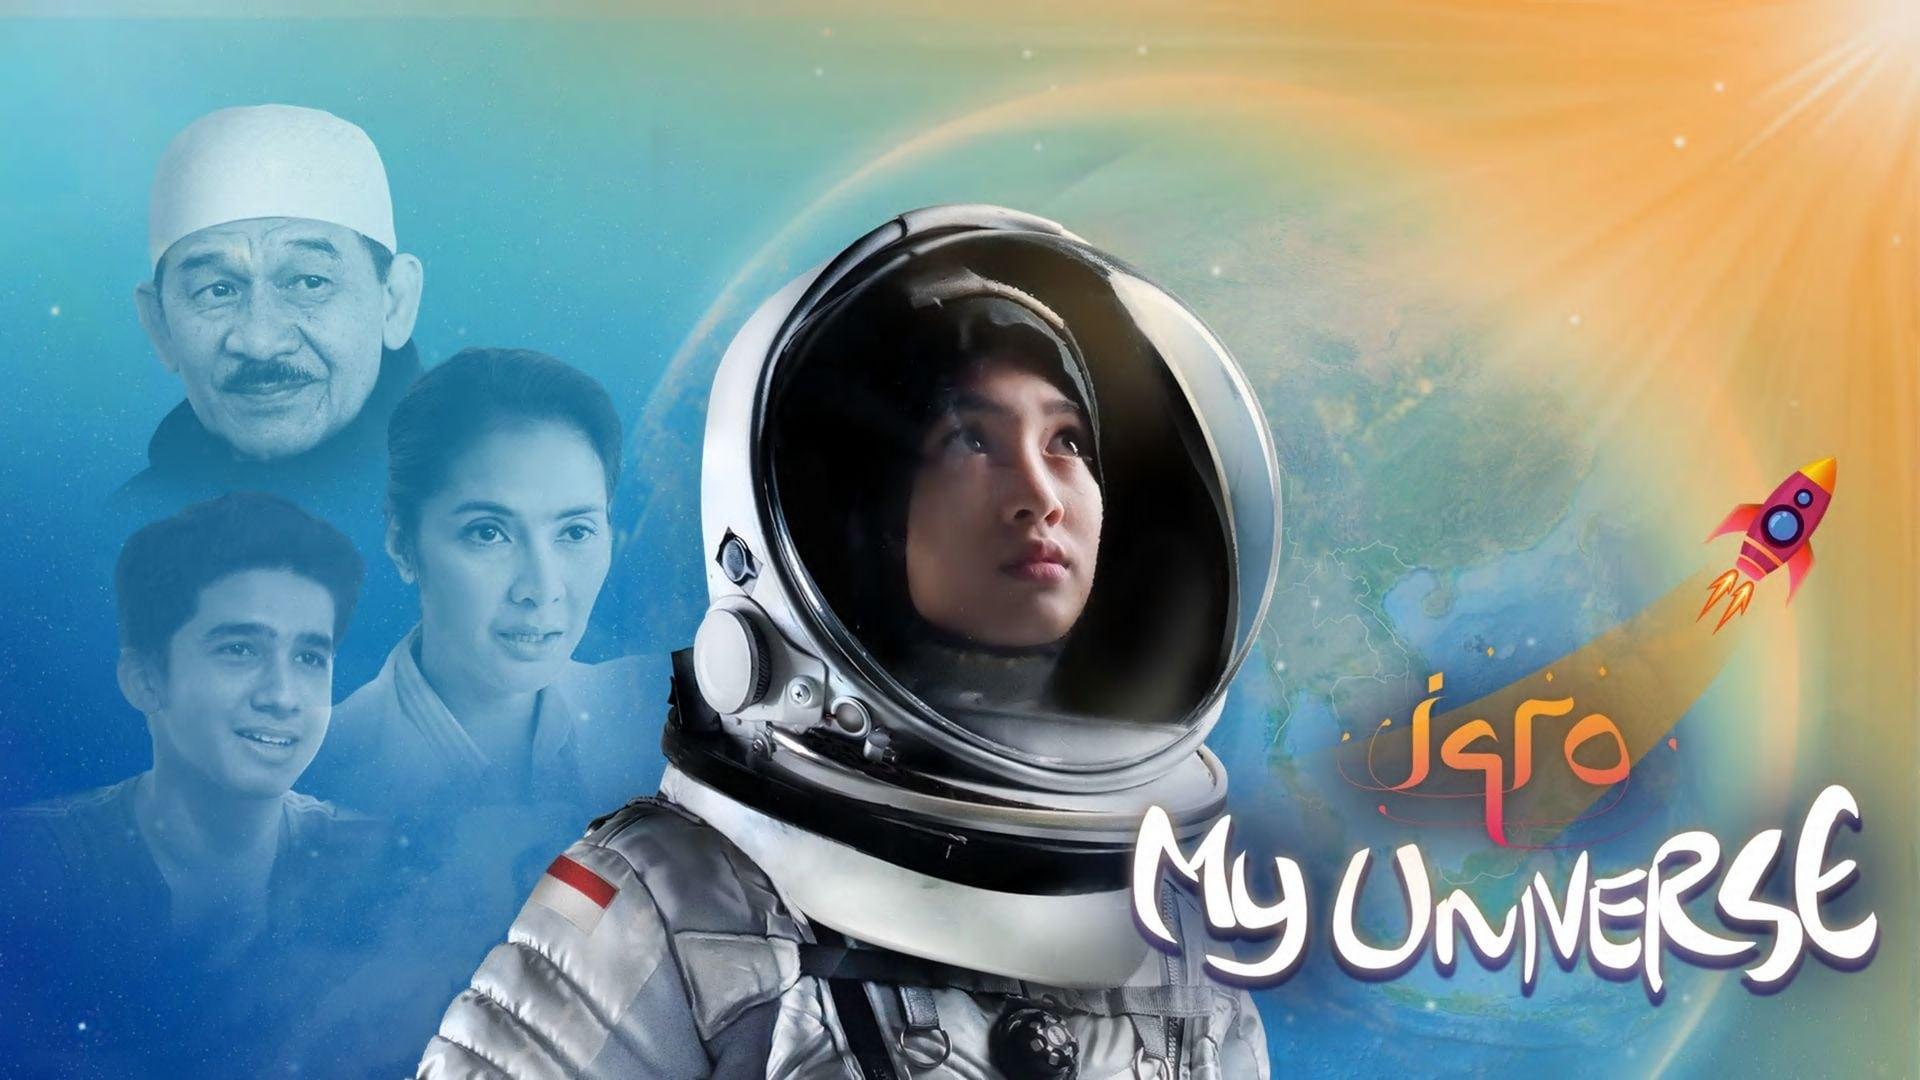 Iqro 2: My Universe